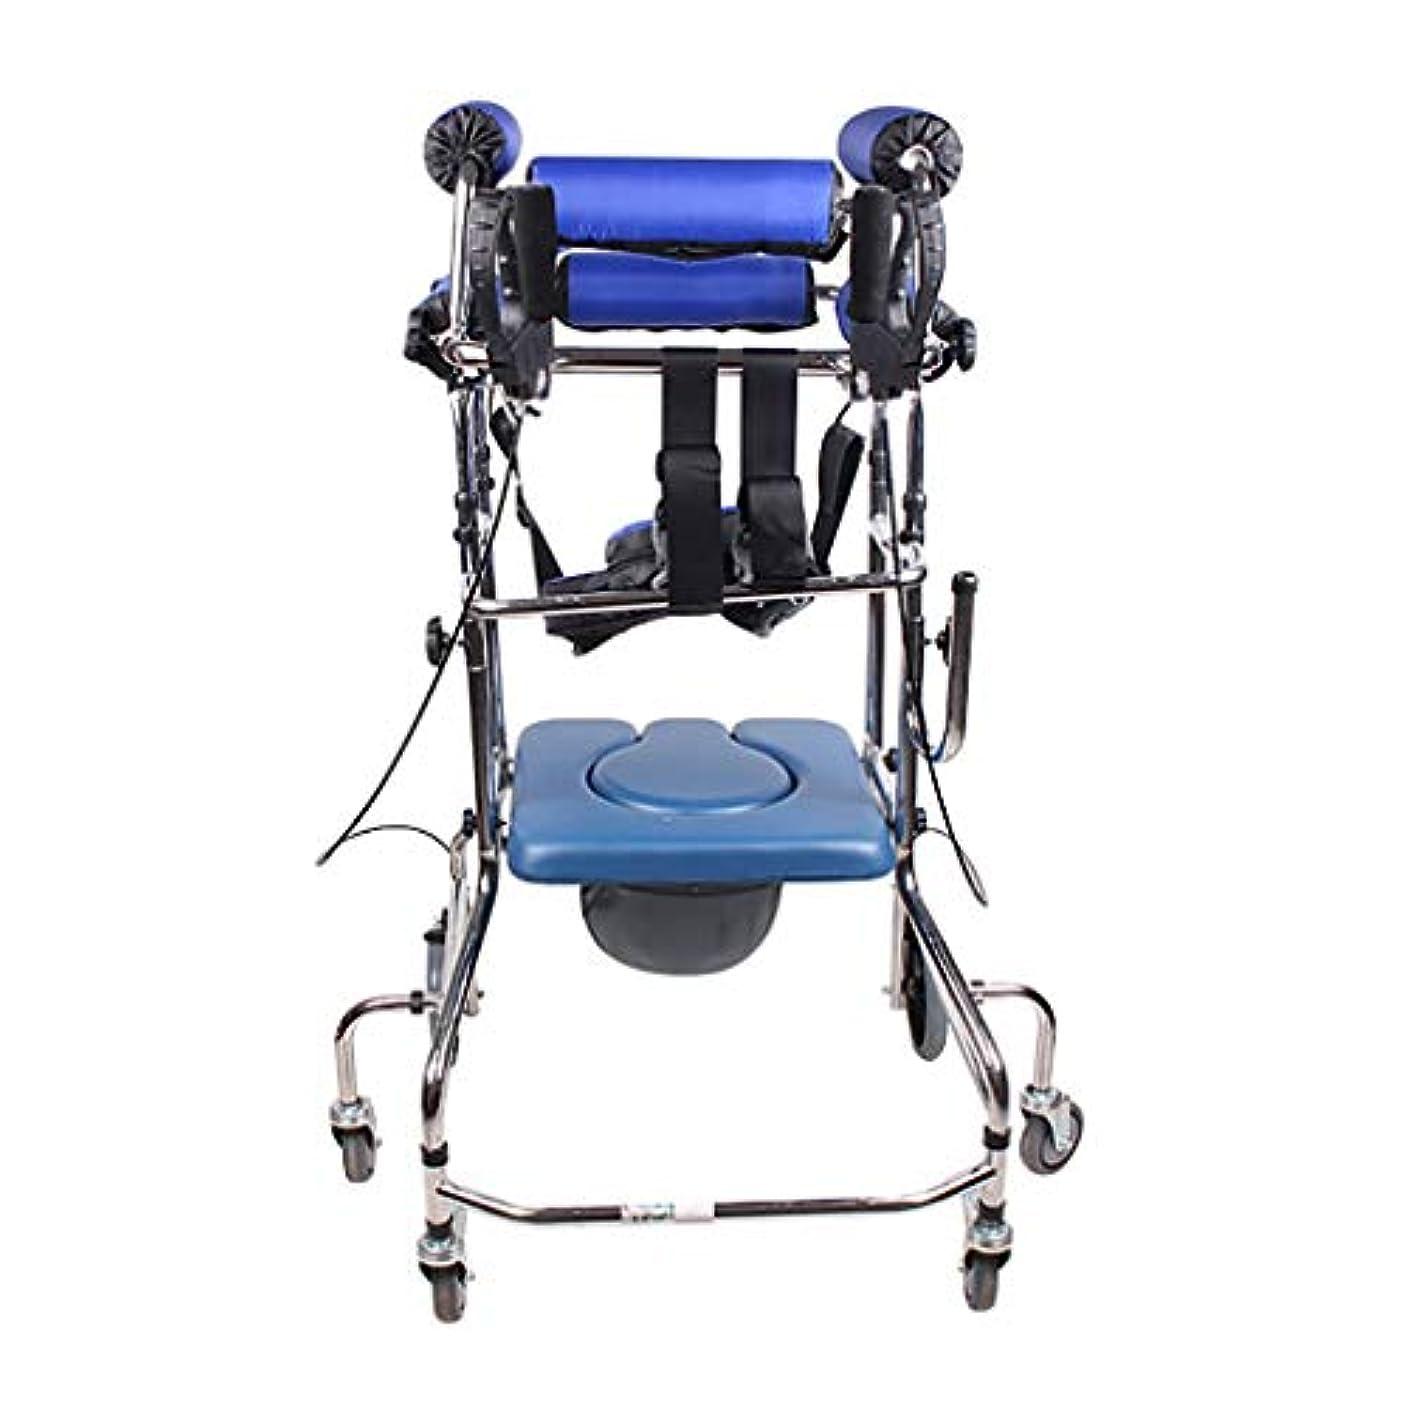 百年努力構築するスタンディングウォーキングラック/ウォーカー/身体障害者用手すり車椅子立ちベッド青6ラウンドハンドブレーキプラスフットブレーキトイレに追加